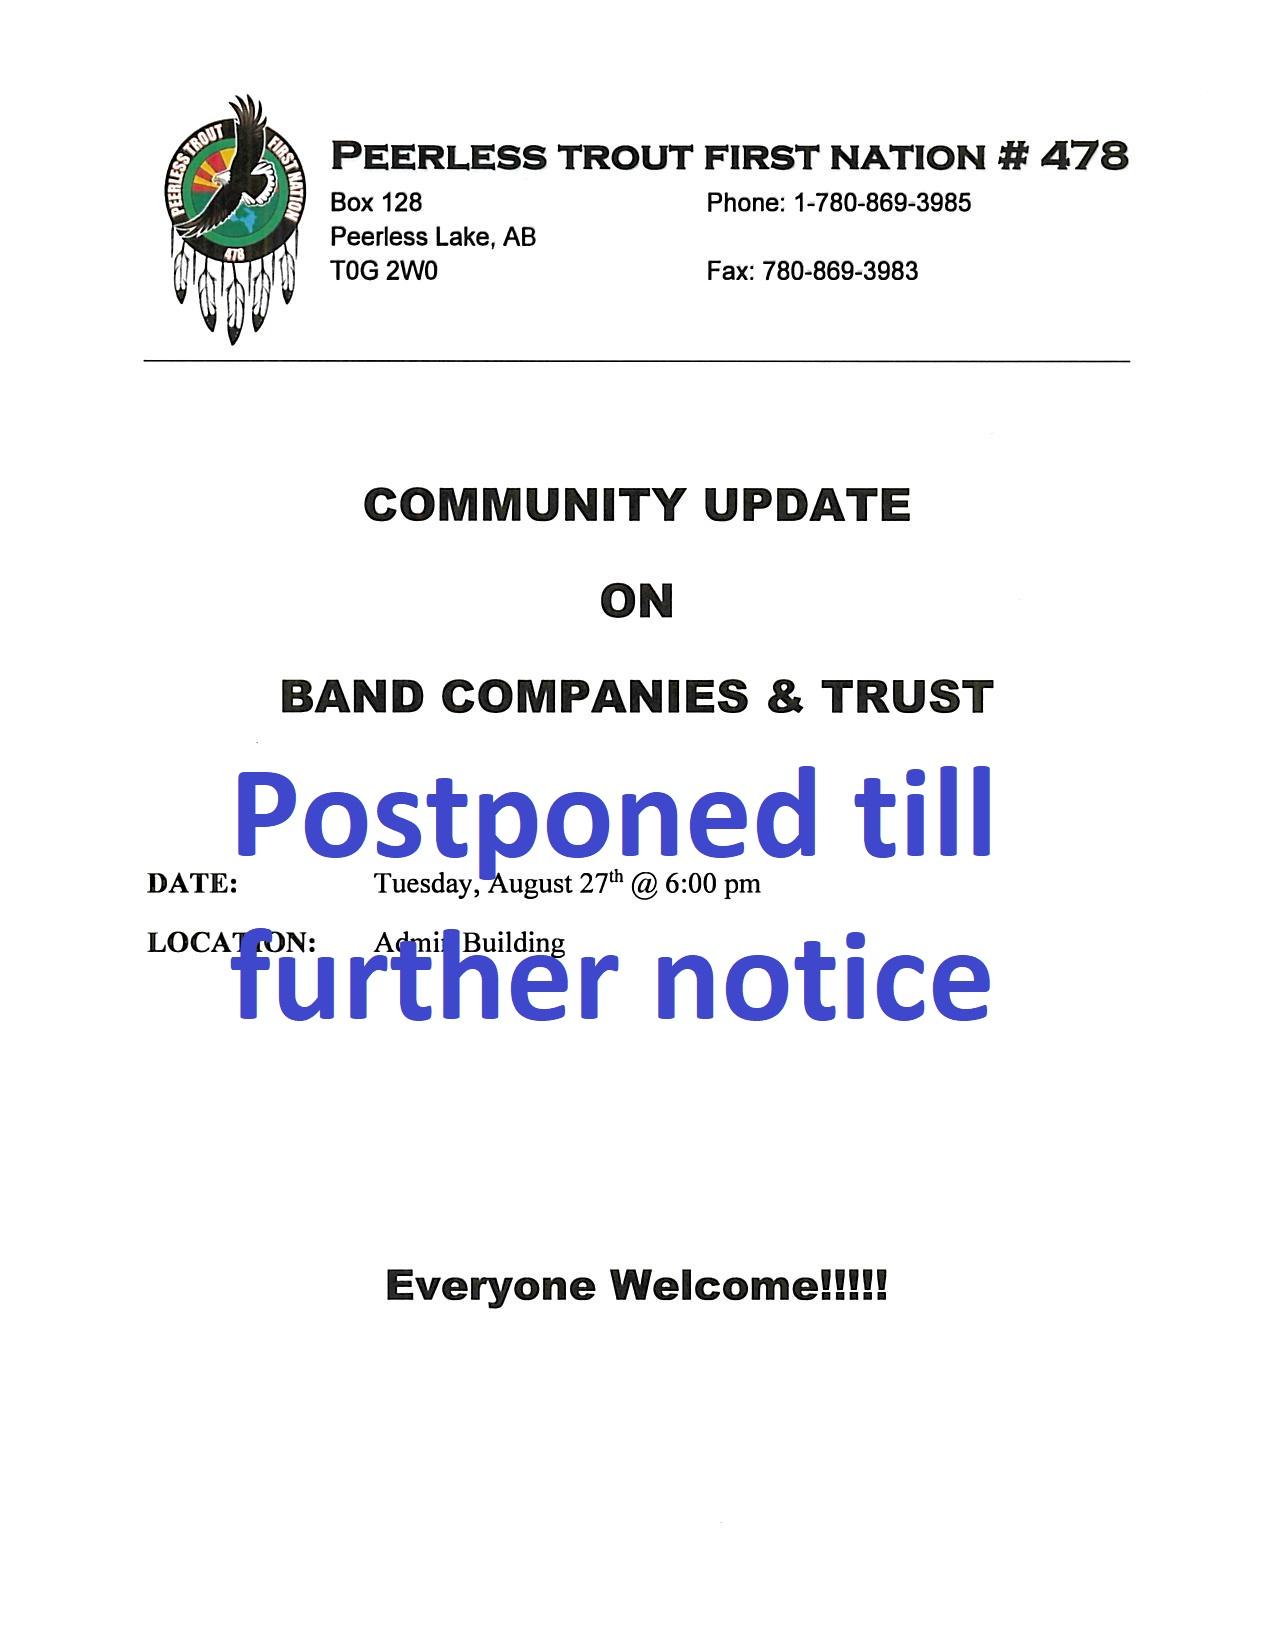 Community update 2.jpg